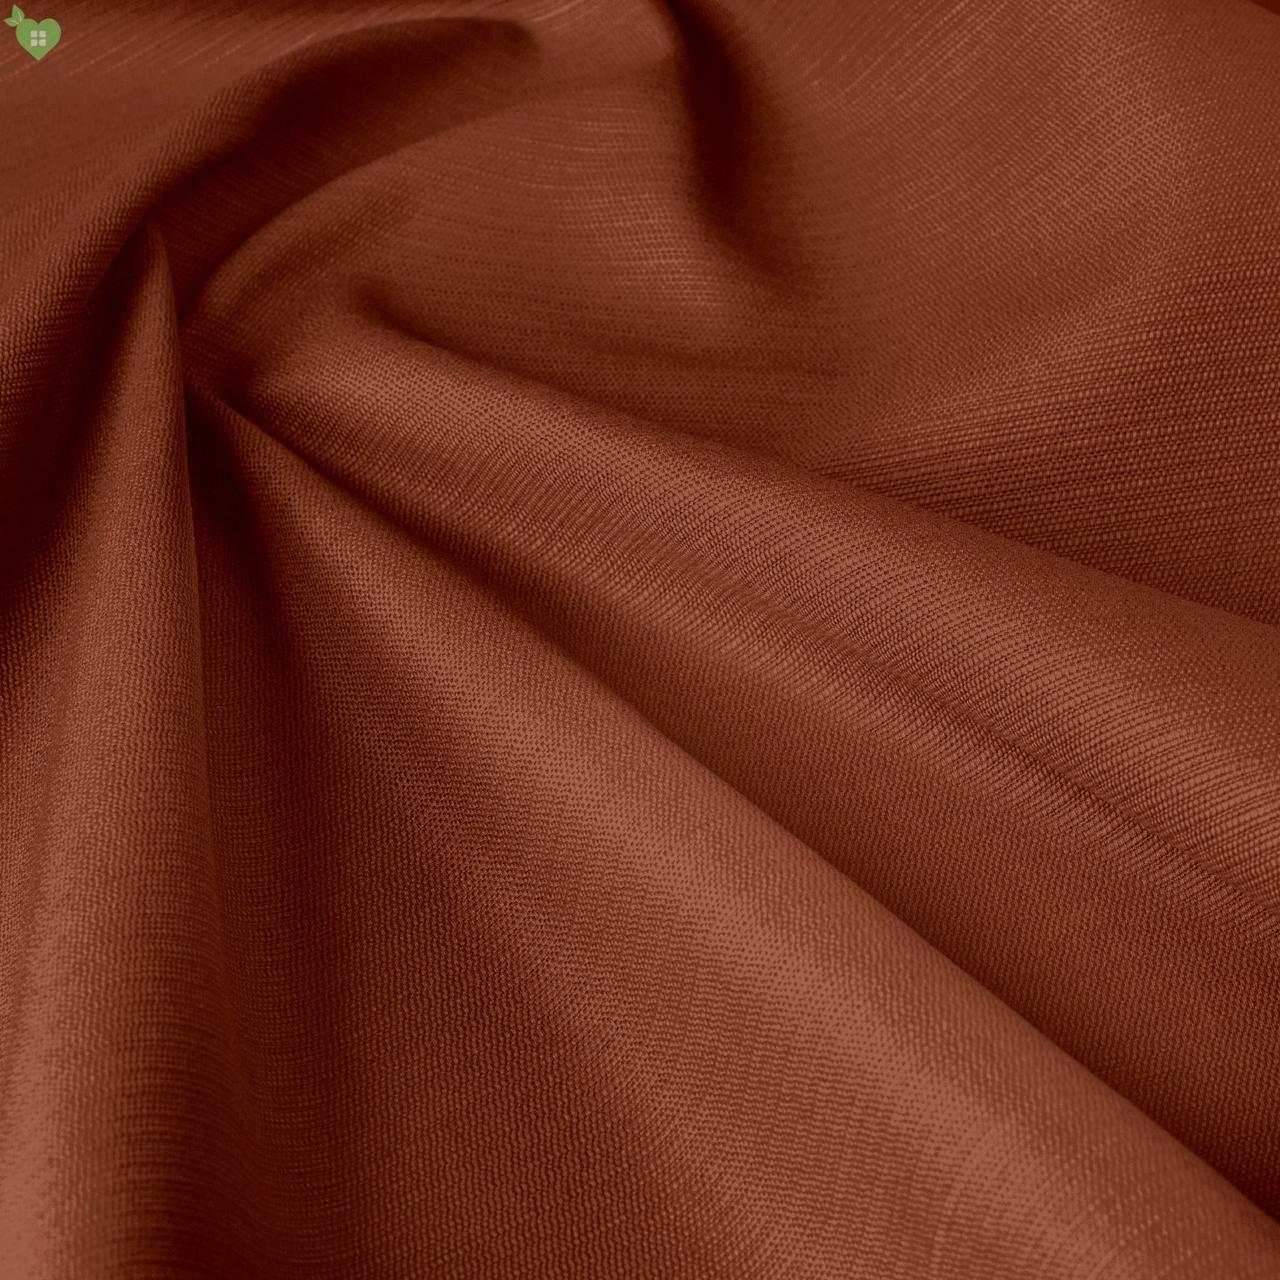 Уличная ткань фактурная коричневого цвета для летней веранды 84318v8